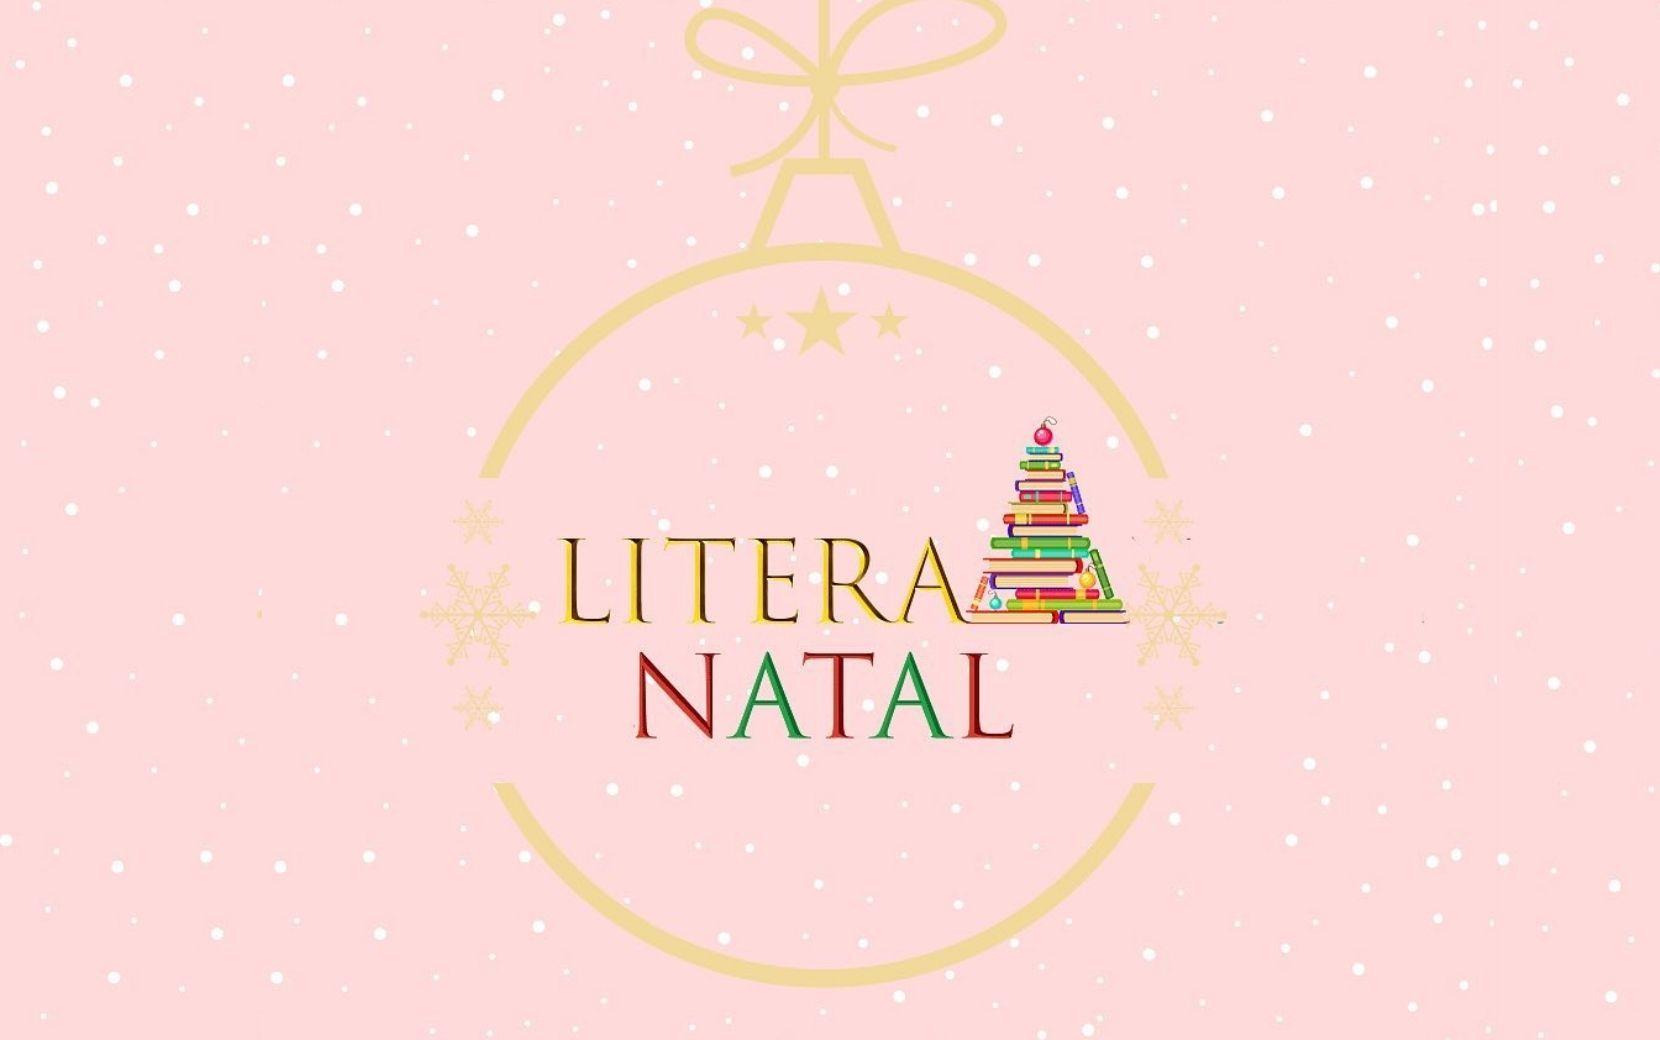 """Livros e solidariedade: conheça o projeto """"Litera Natal"""""""